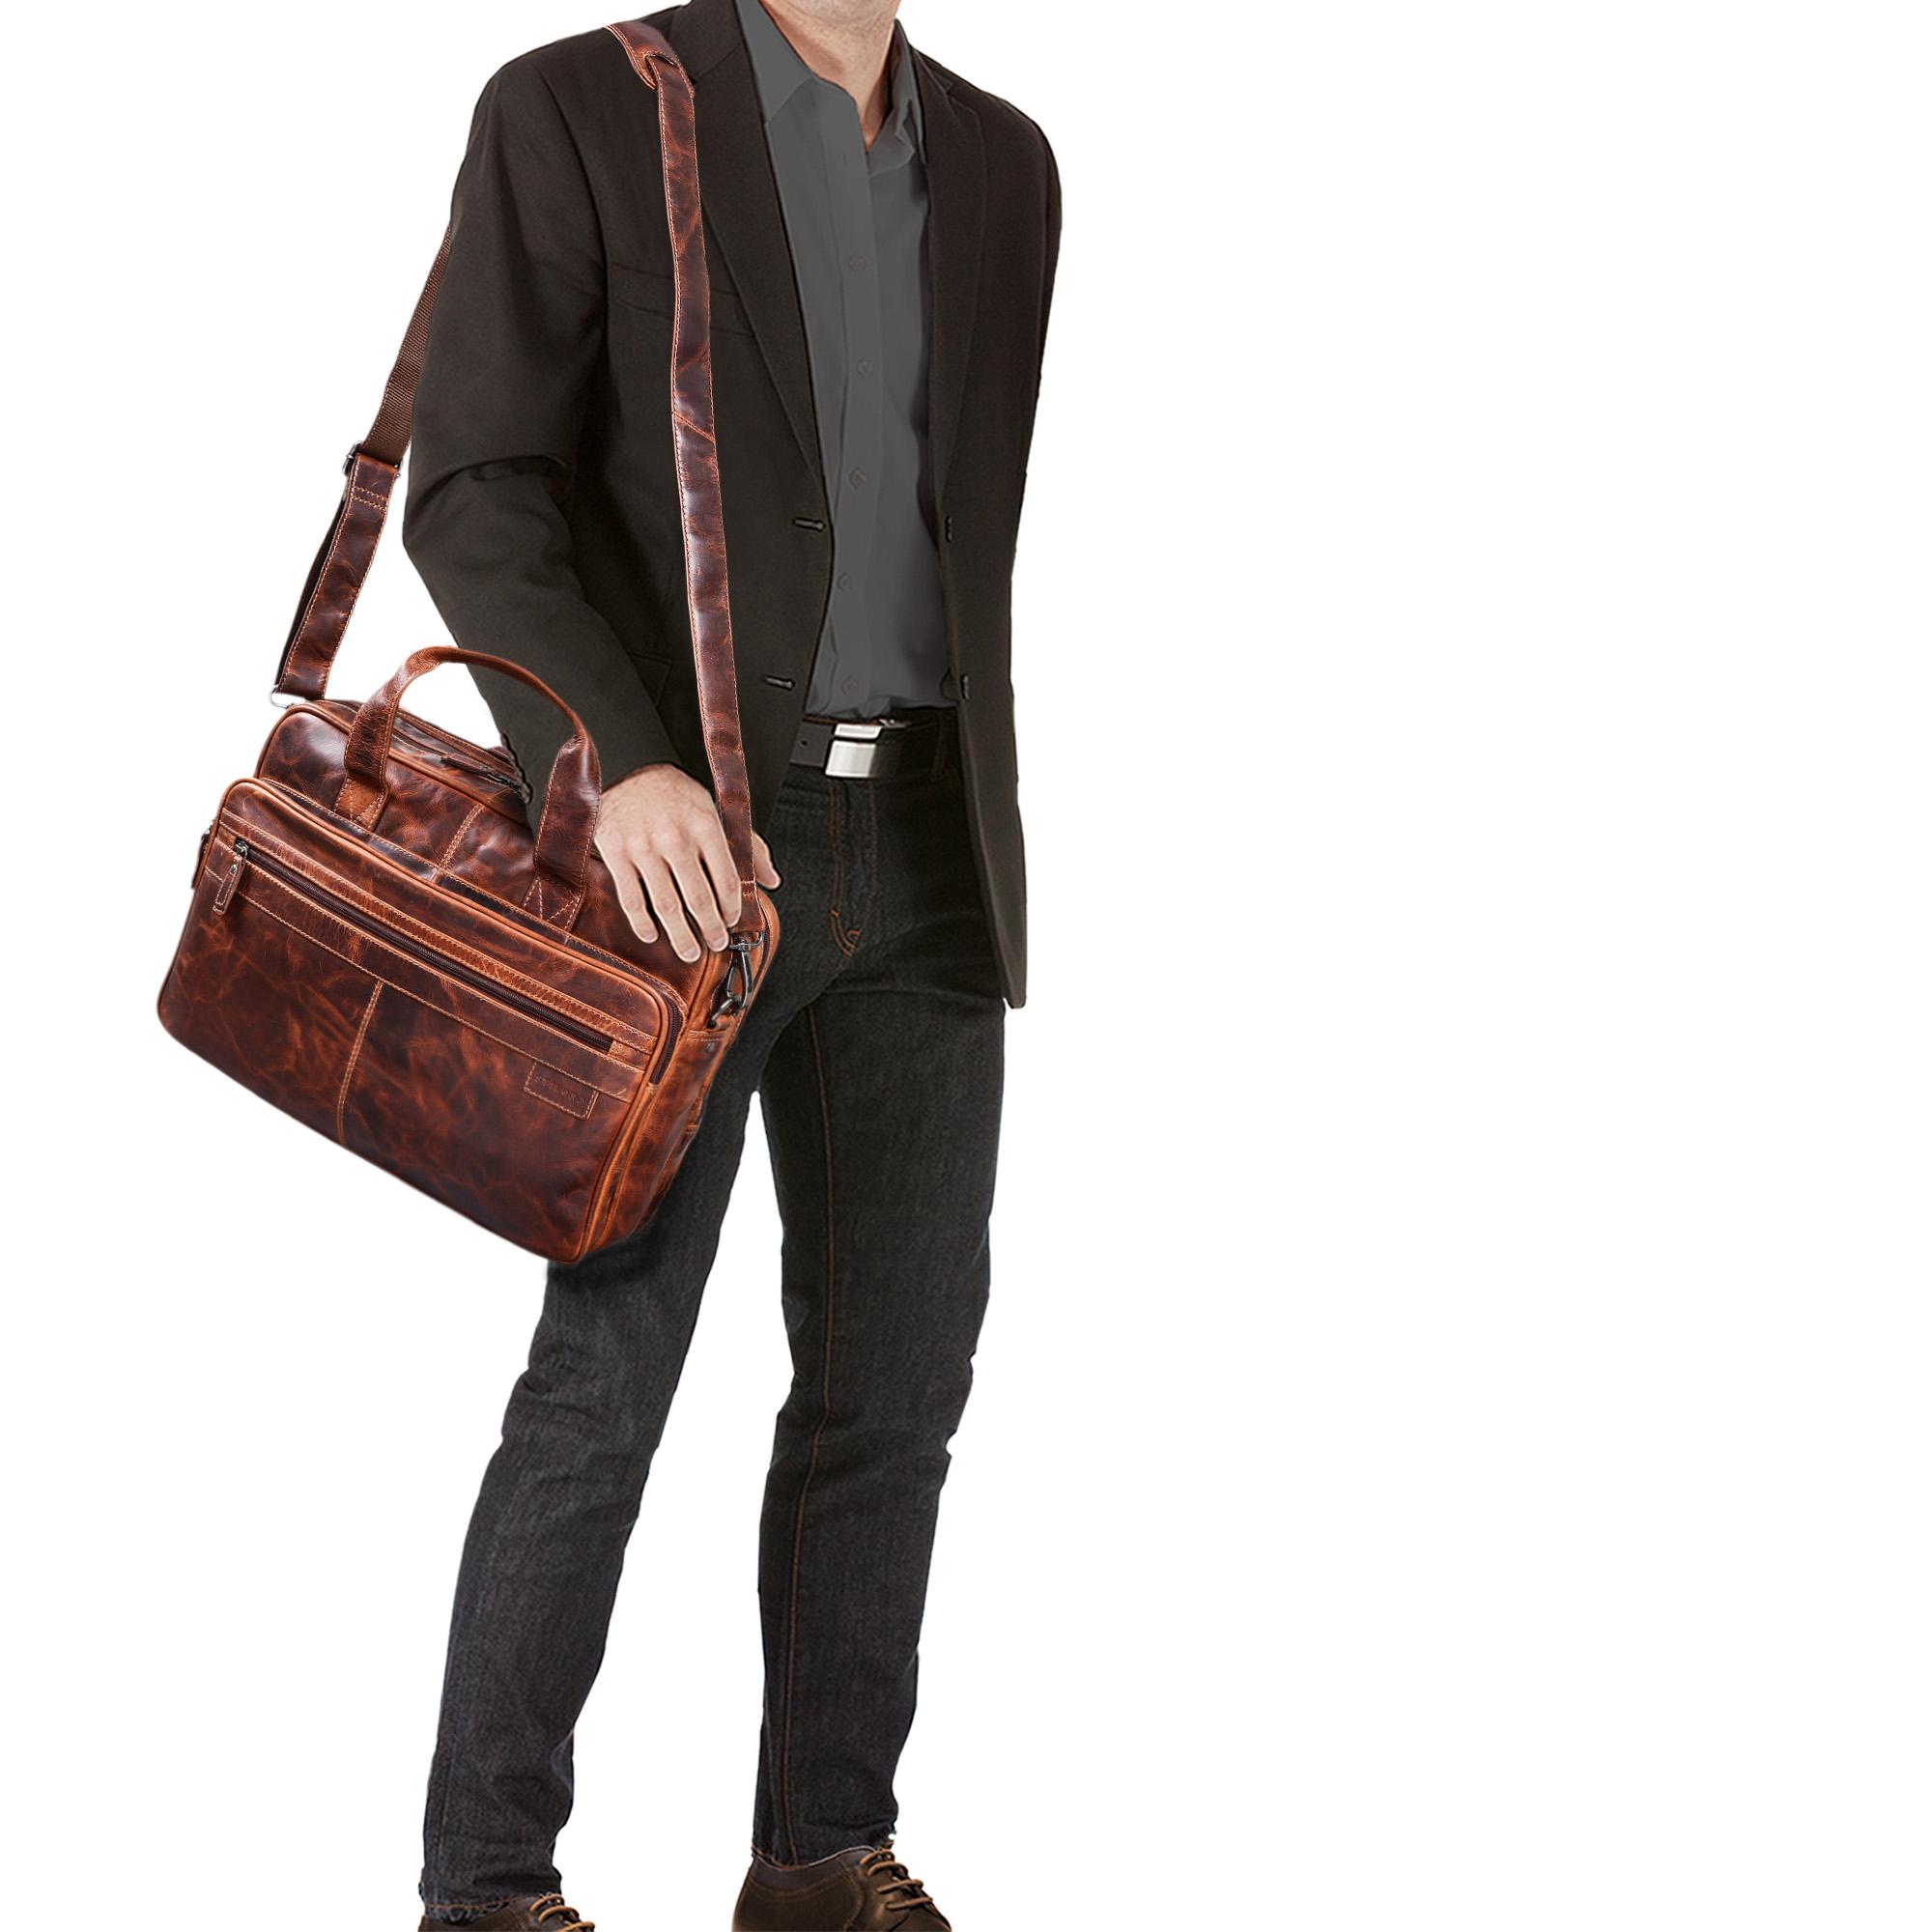 """STILORD """"Atlantis"""" Leder Aktentasche groß Vintage Lehrertasche Arbeitstasche große Ledertasche Businesstasche zum Umhängen Trolley aufsteckbar - Bild 2"""